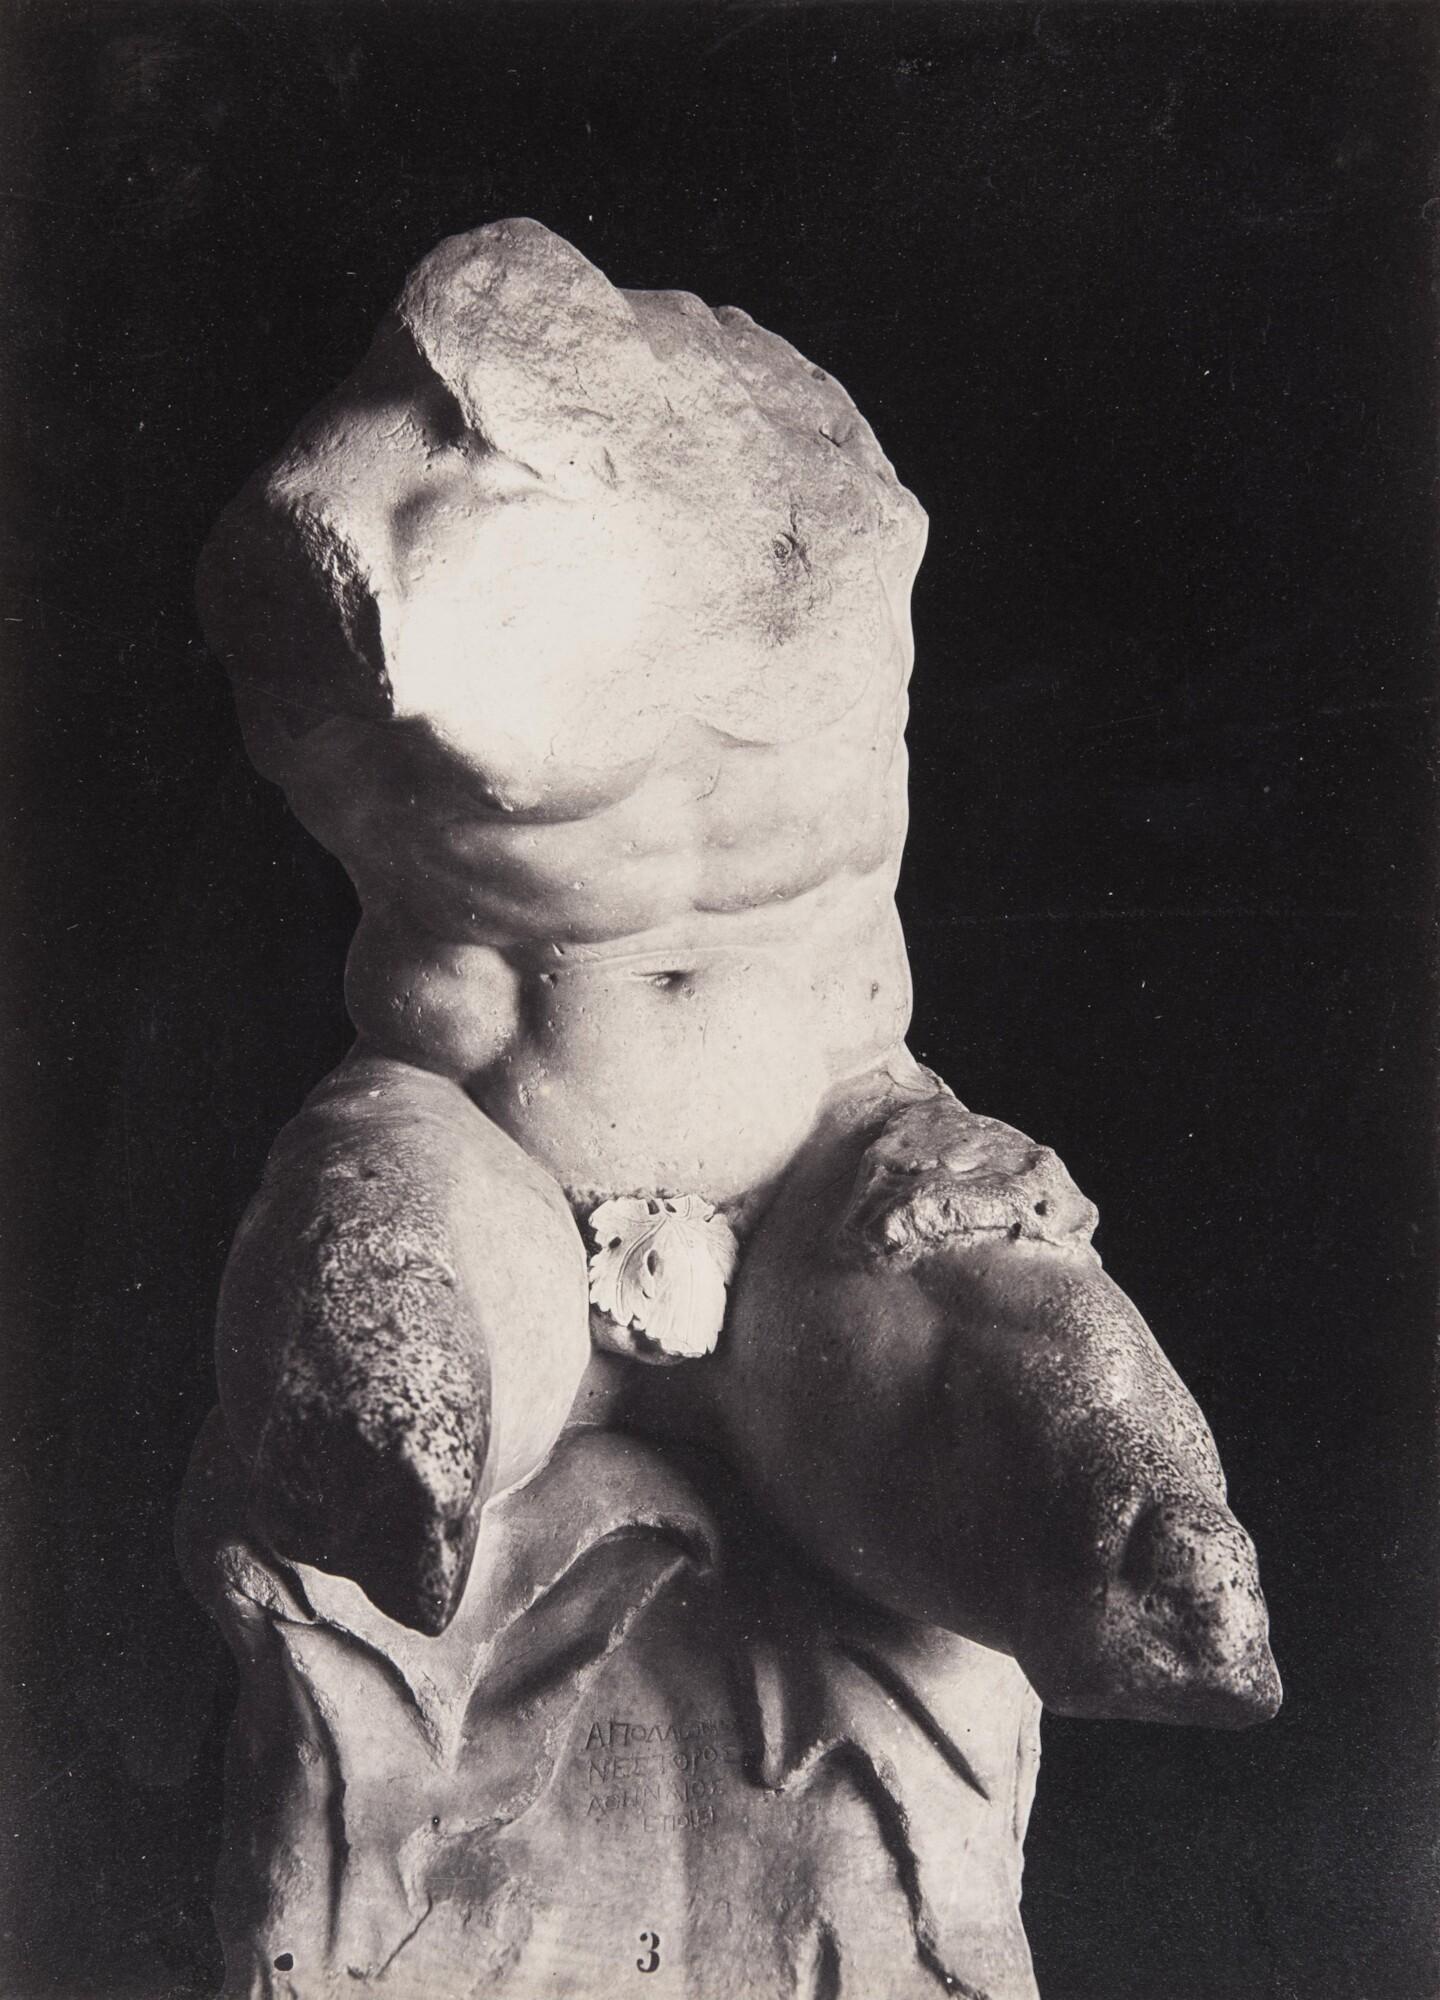 Роберт Тернбулл Макферсон.    Бельведерский торс. Музей Пио-Клементино. Ватикан, 1860‑е   Альбуминовый отпечаток